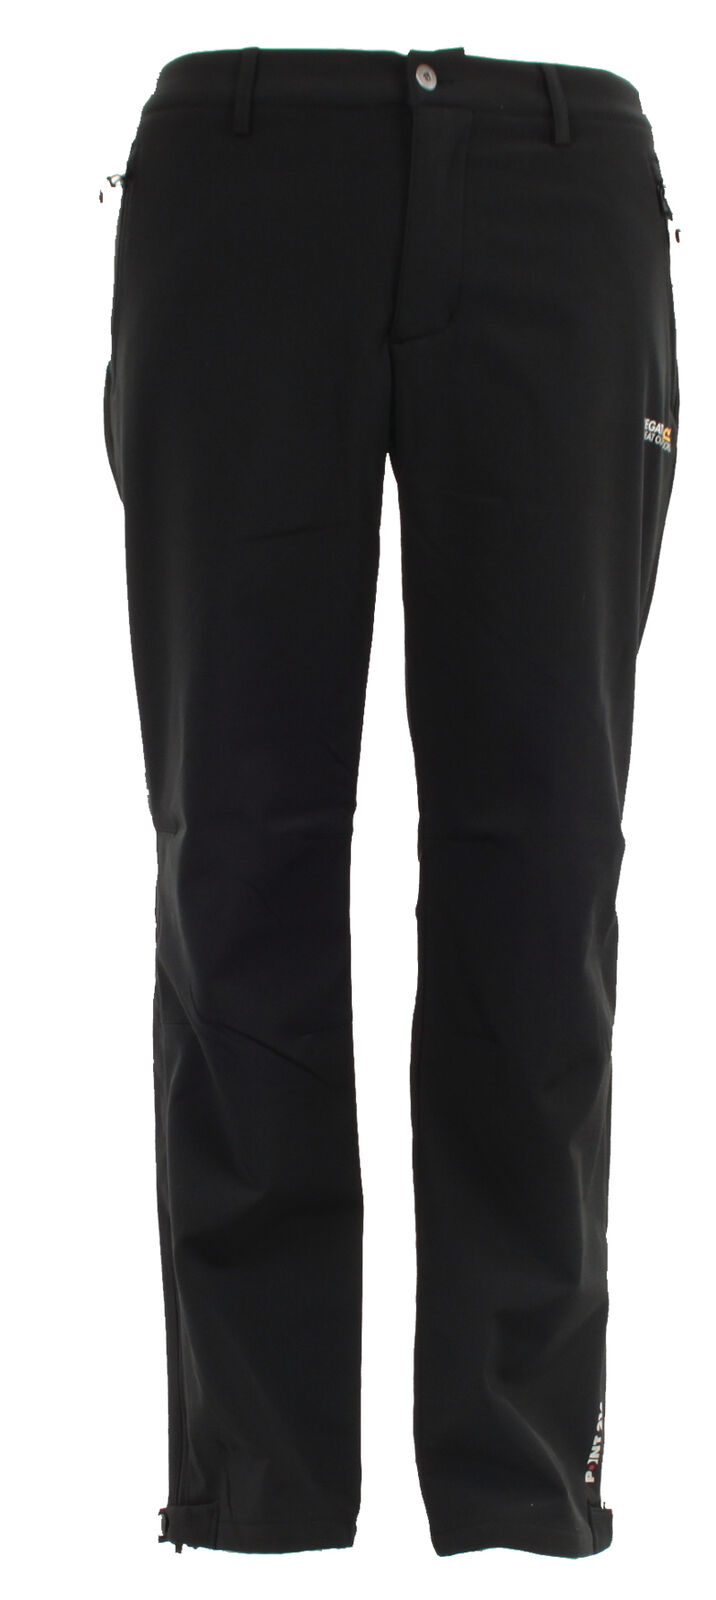 Regatta Geo Softshell Pantaloni Uomo mantiene caldo vento resistente all'acqua fino a 60 dal 89,95